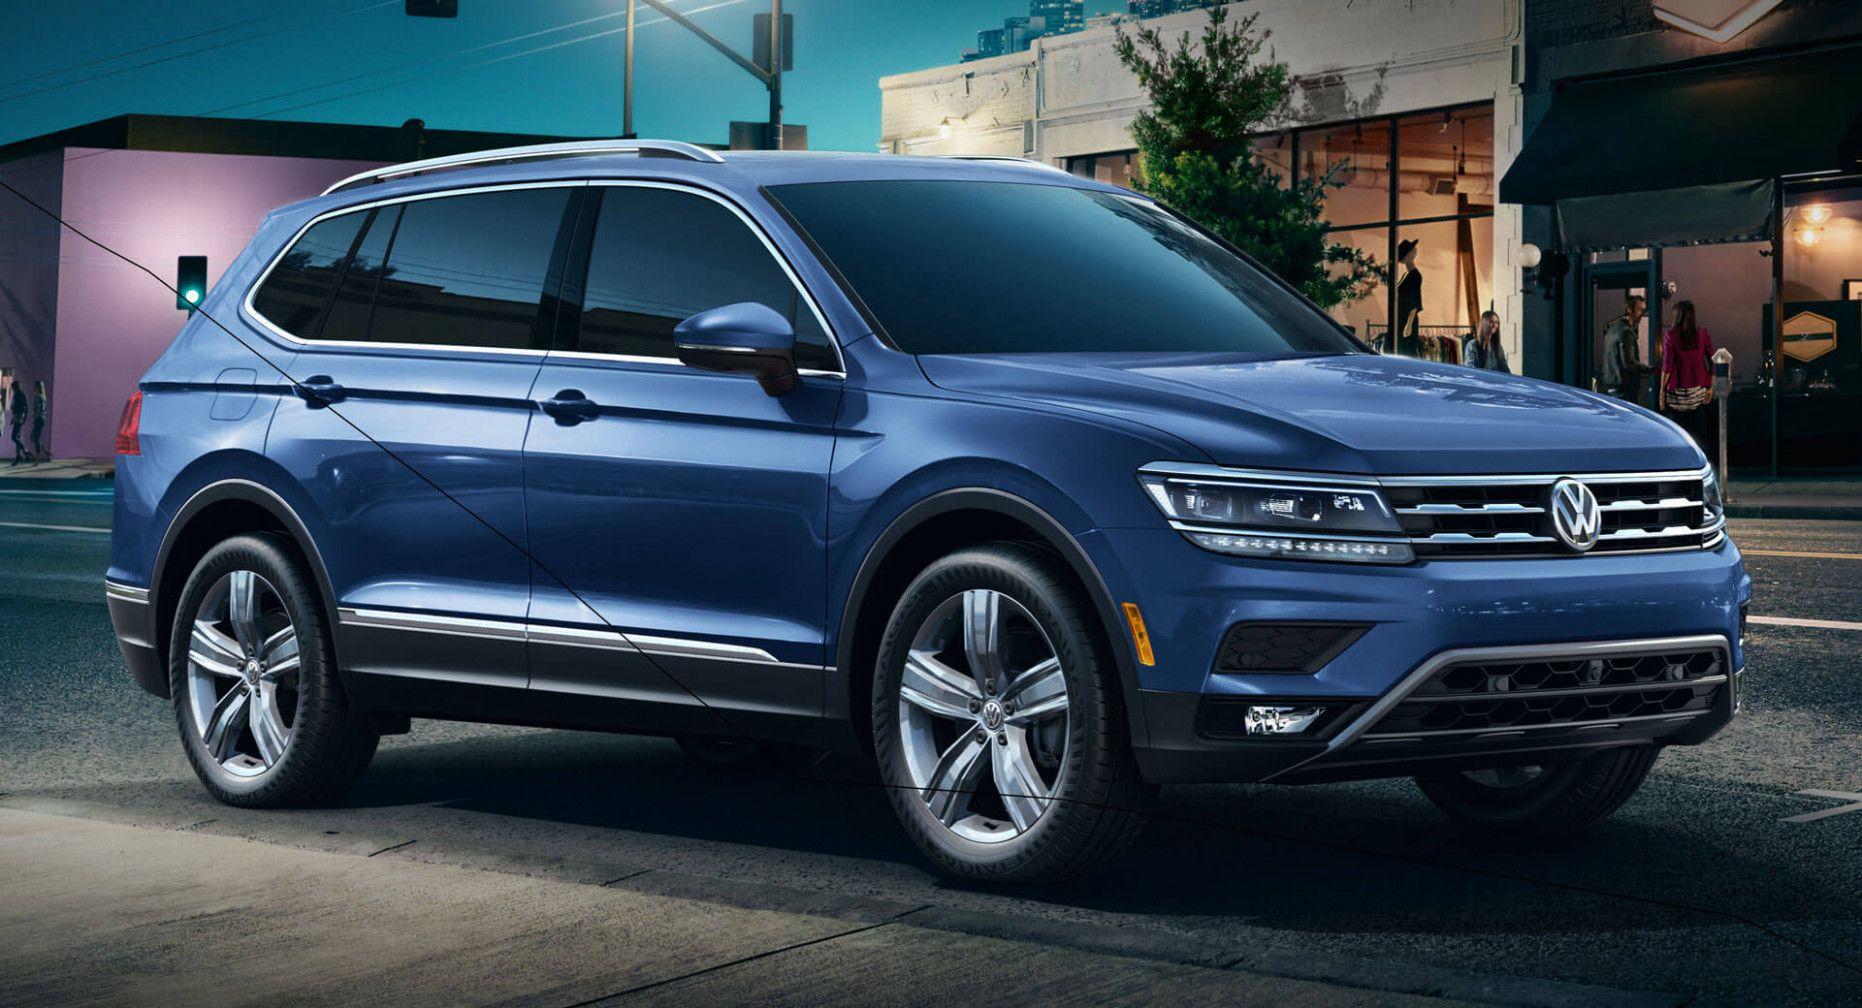 11 Image Volkswagen Suv 2020 Price In 2020 Volkswagen Volkswagen Passat Best New Cars